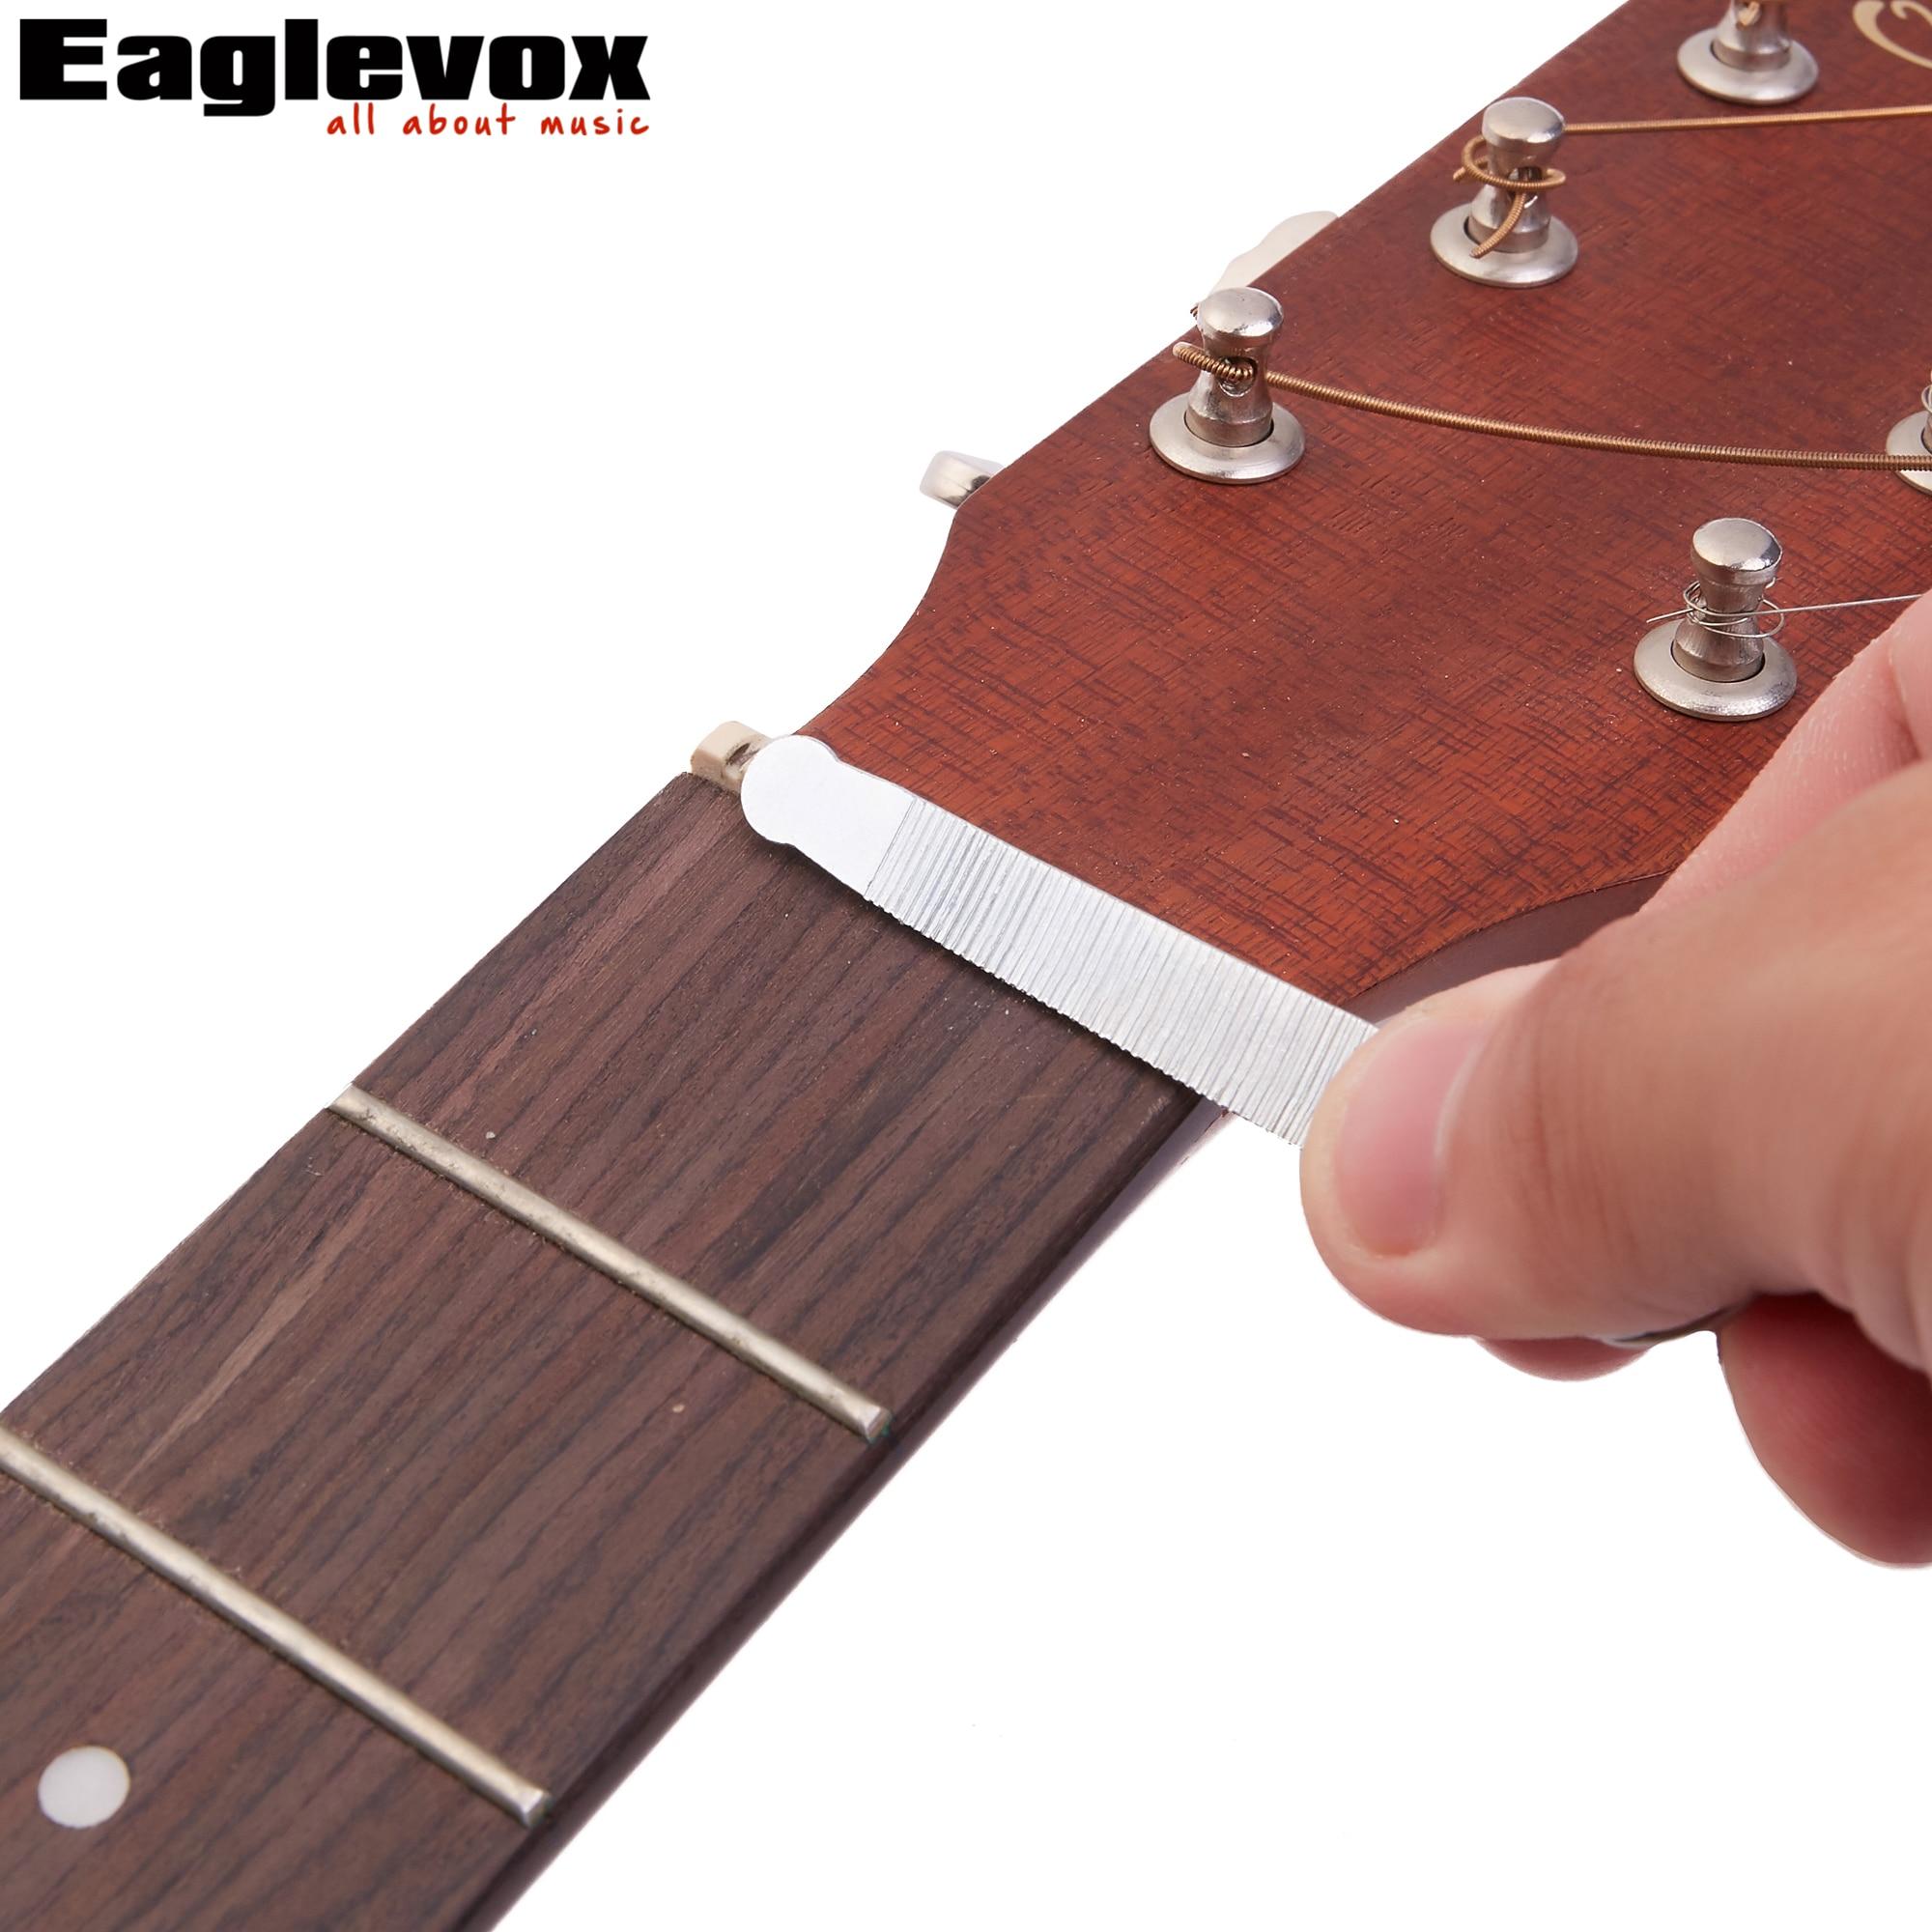 Fesjoy archivo para trastes de guitarra Guitarts Frets File Herramienta de mantenimiento de reparaci/ón de guitarra de acero inoxidable Herramienta Luthier